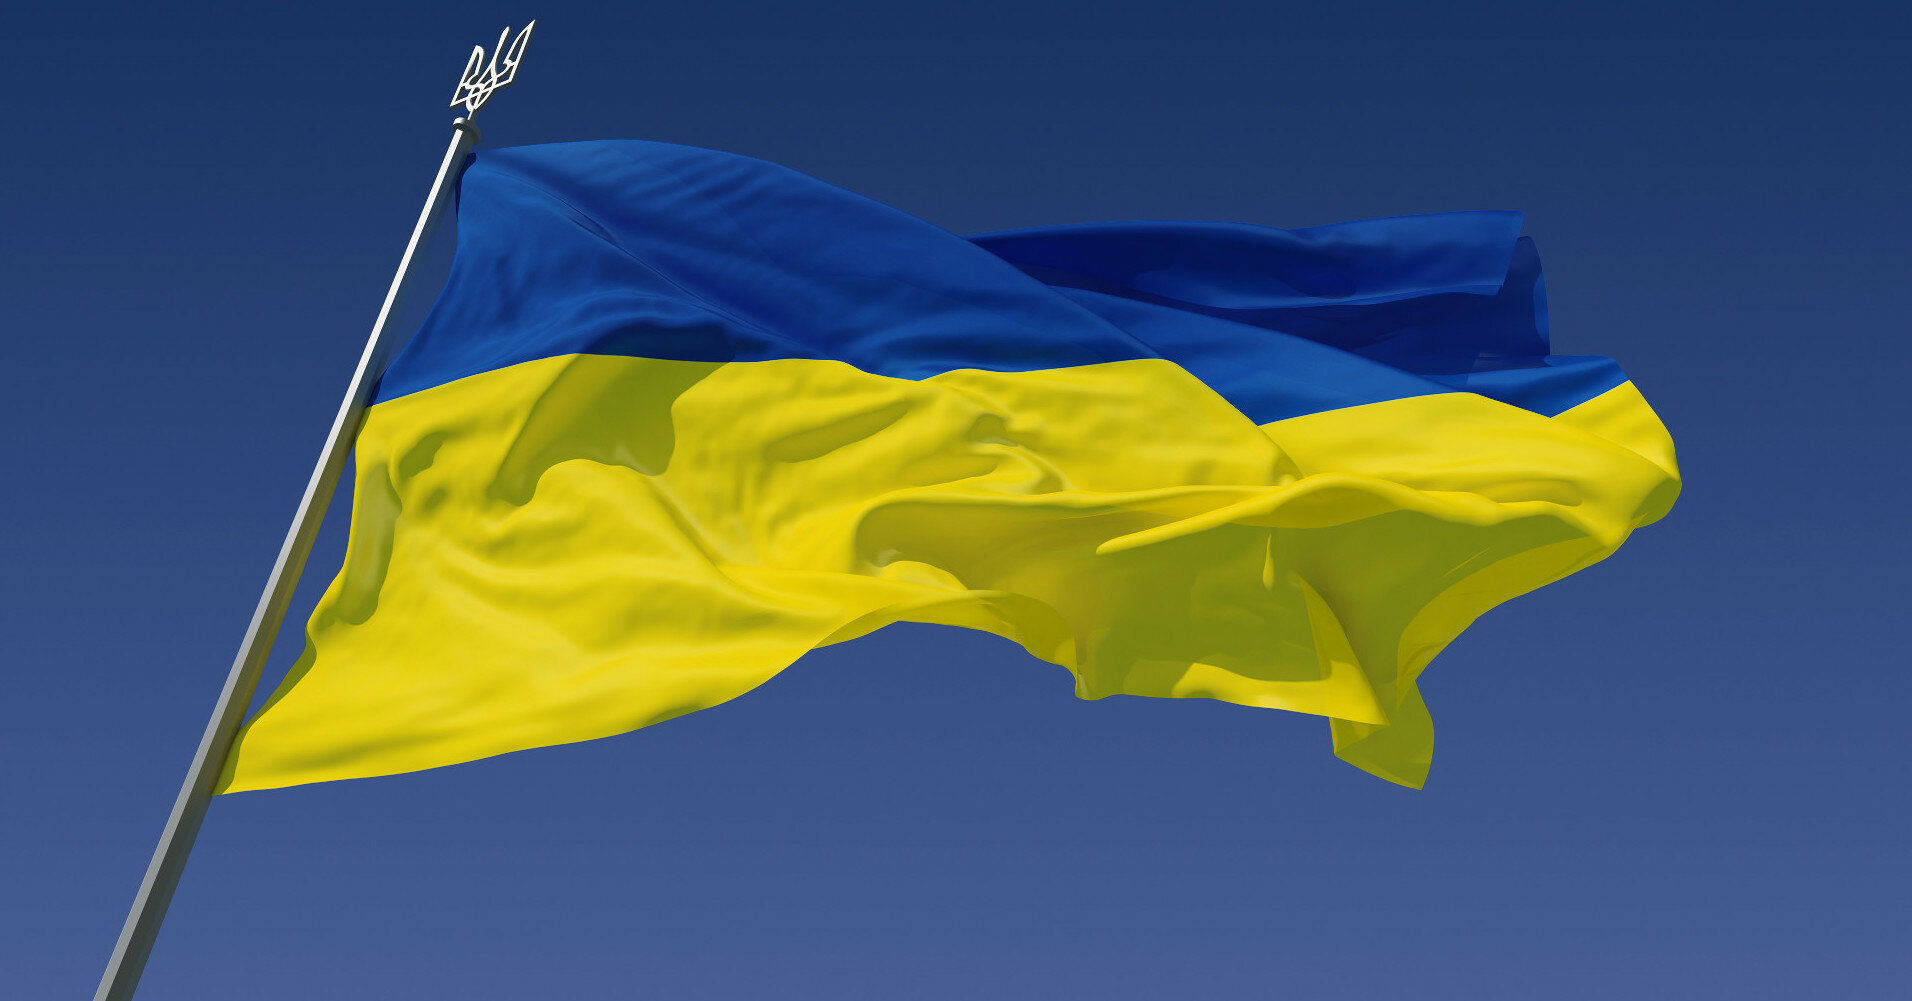 Сколько представителей иностранных государств примут участие в Крымской платформе